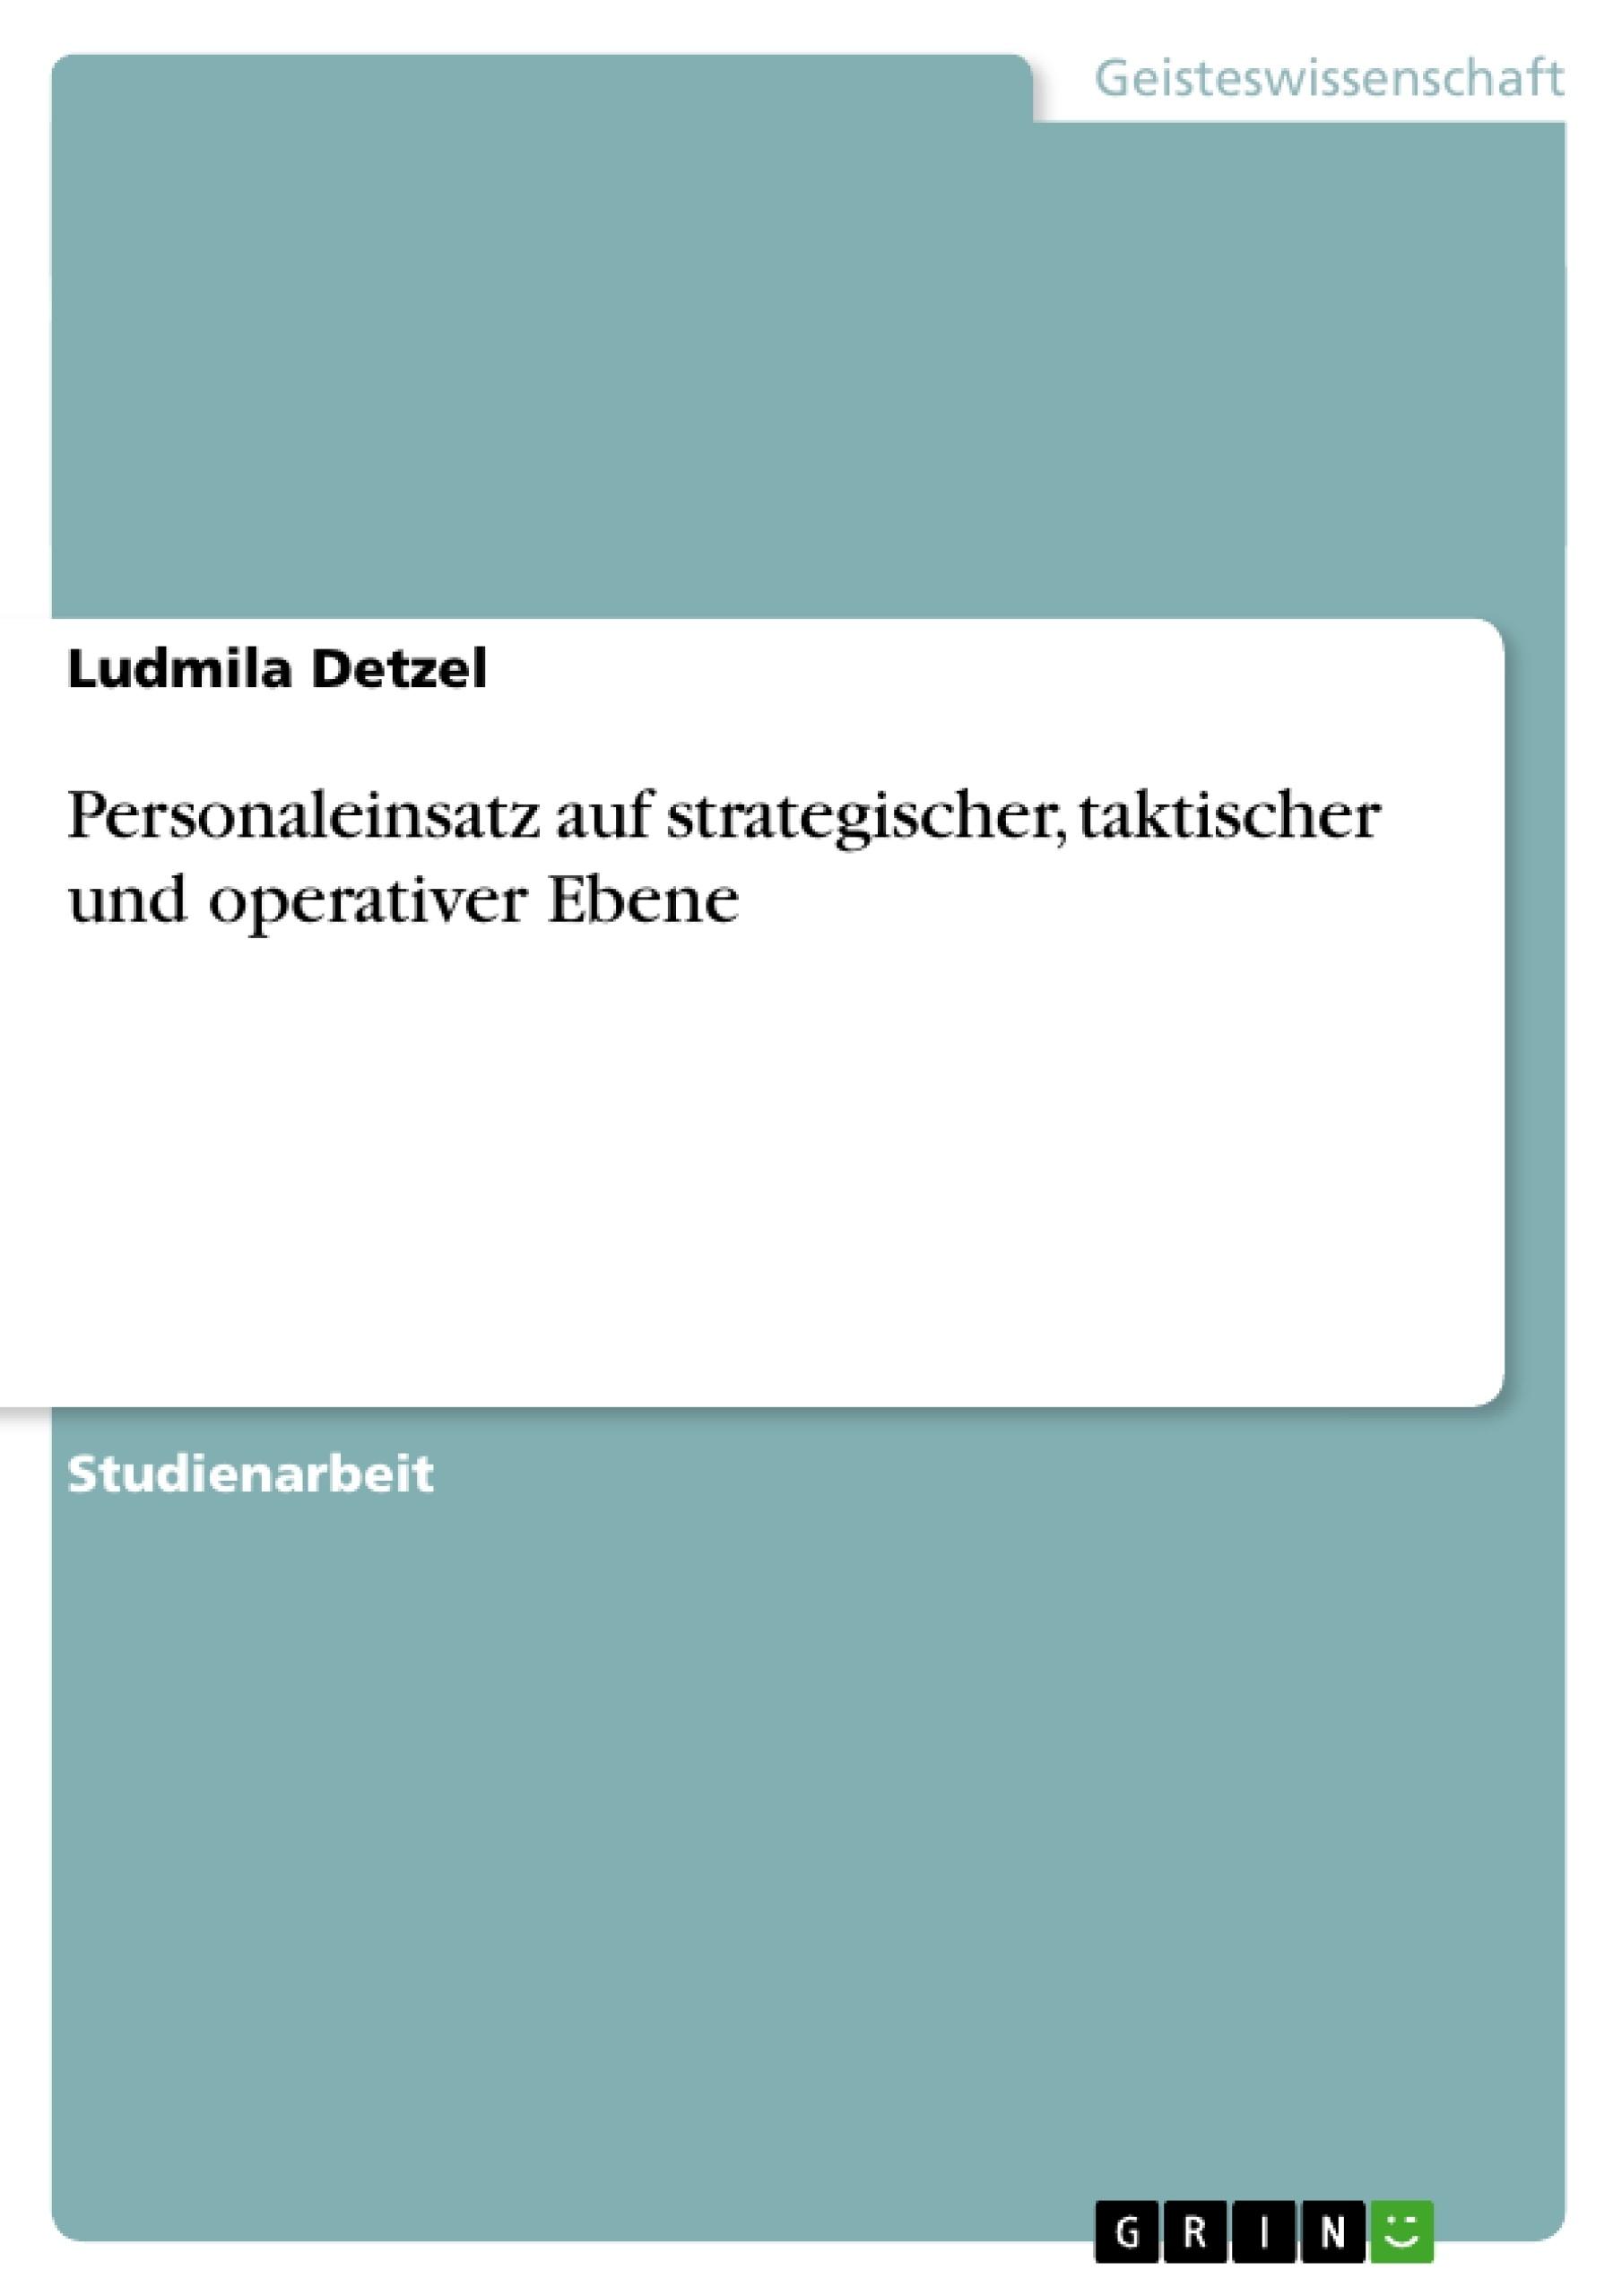 Titel: Personaleinsatz auf strategischer, taktischer und operativer Ebene